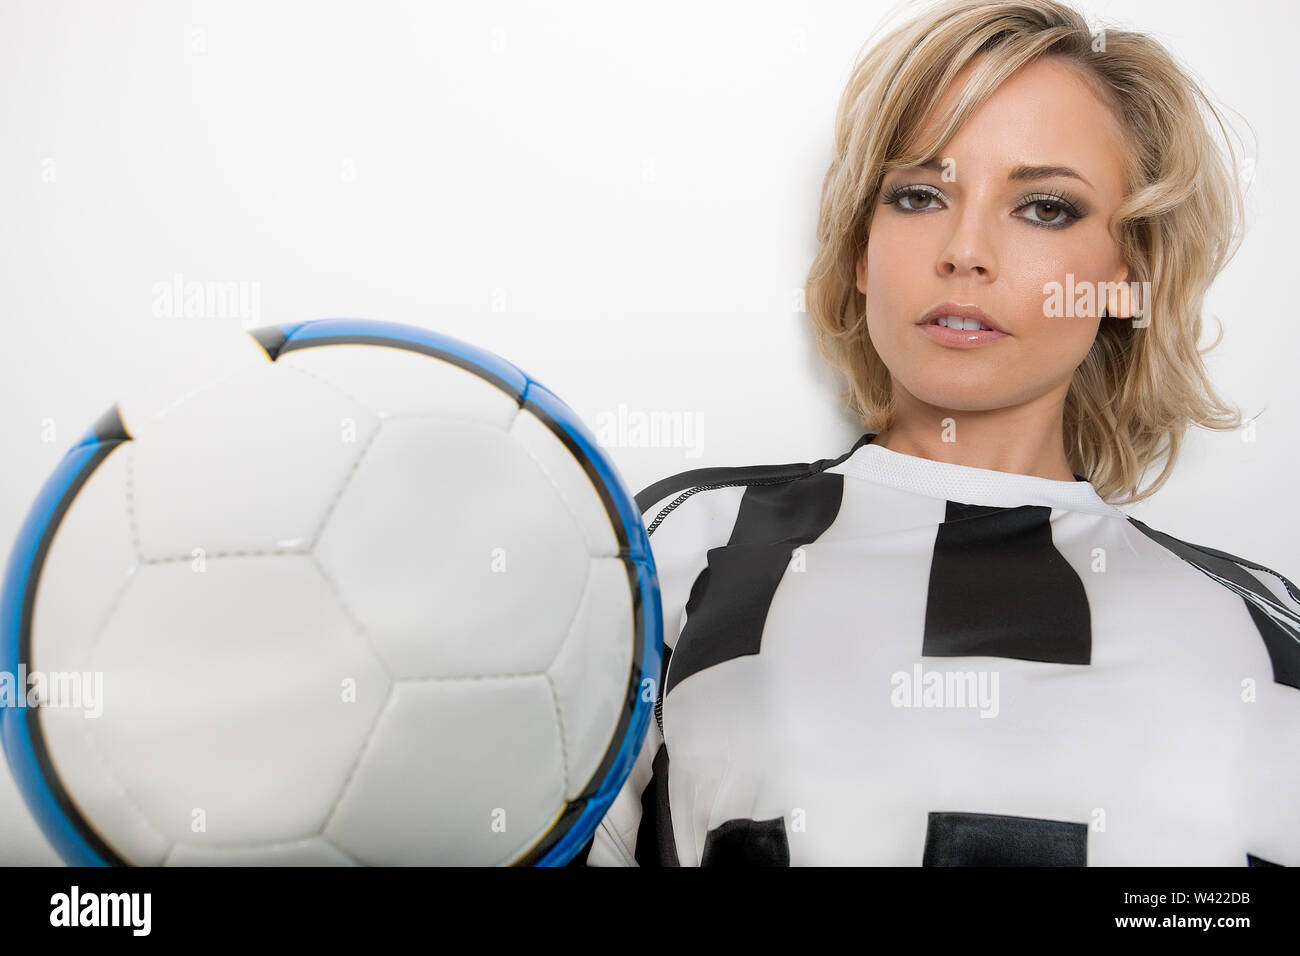 Libre d'un mannequin blond avec un maquillage foncé portant un fan de football jersey et tenant une balle dans un studio avec fond blanc Photo Stock